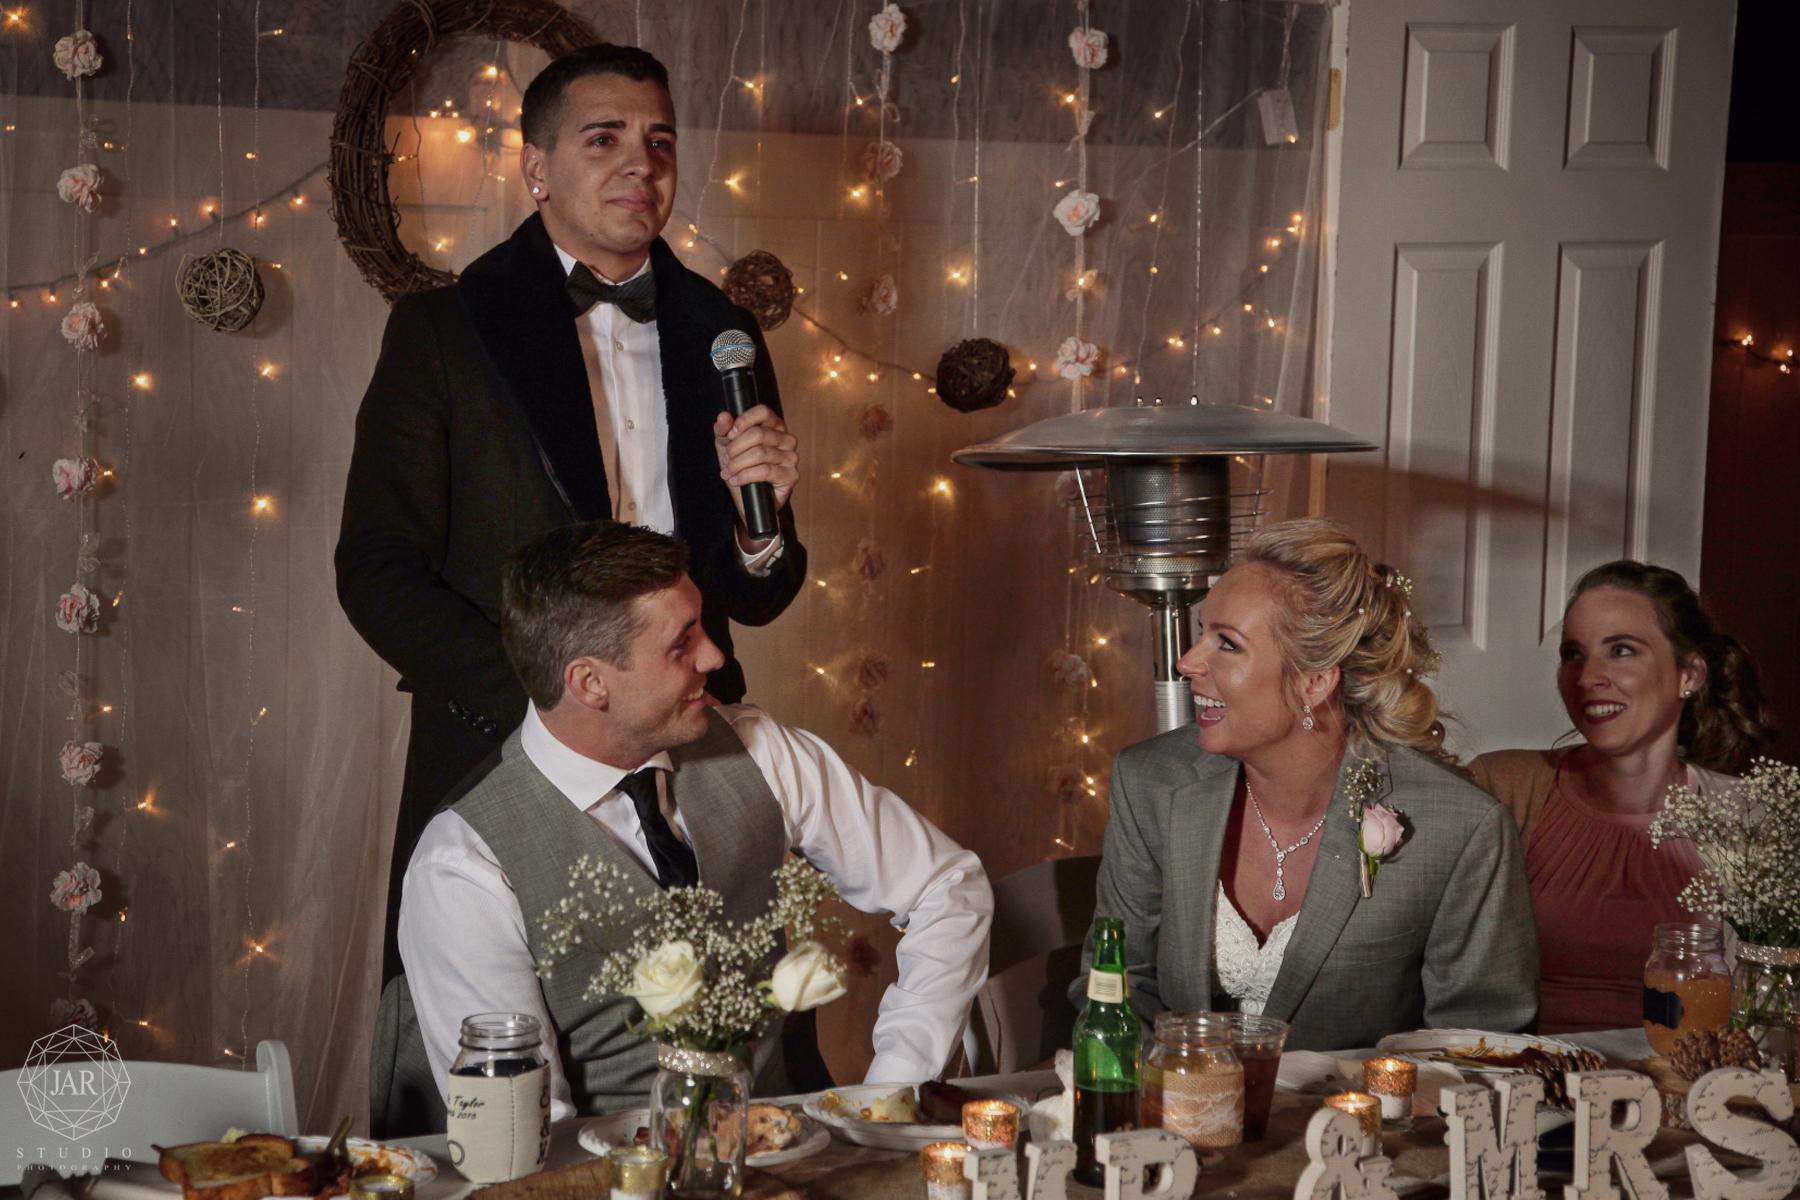 44-wedding-toast-string-lights-ideas-jarstudio.JPG